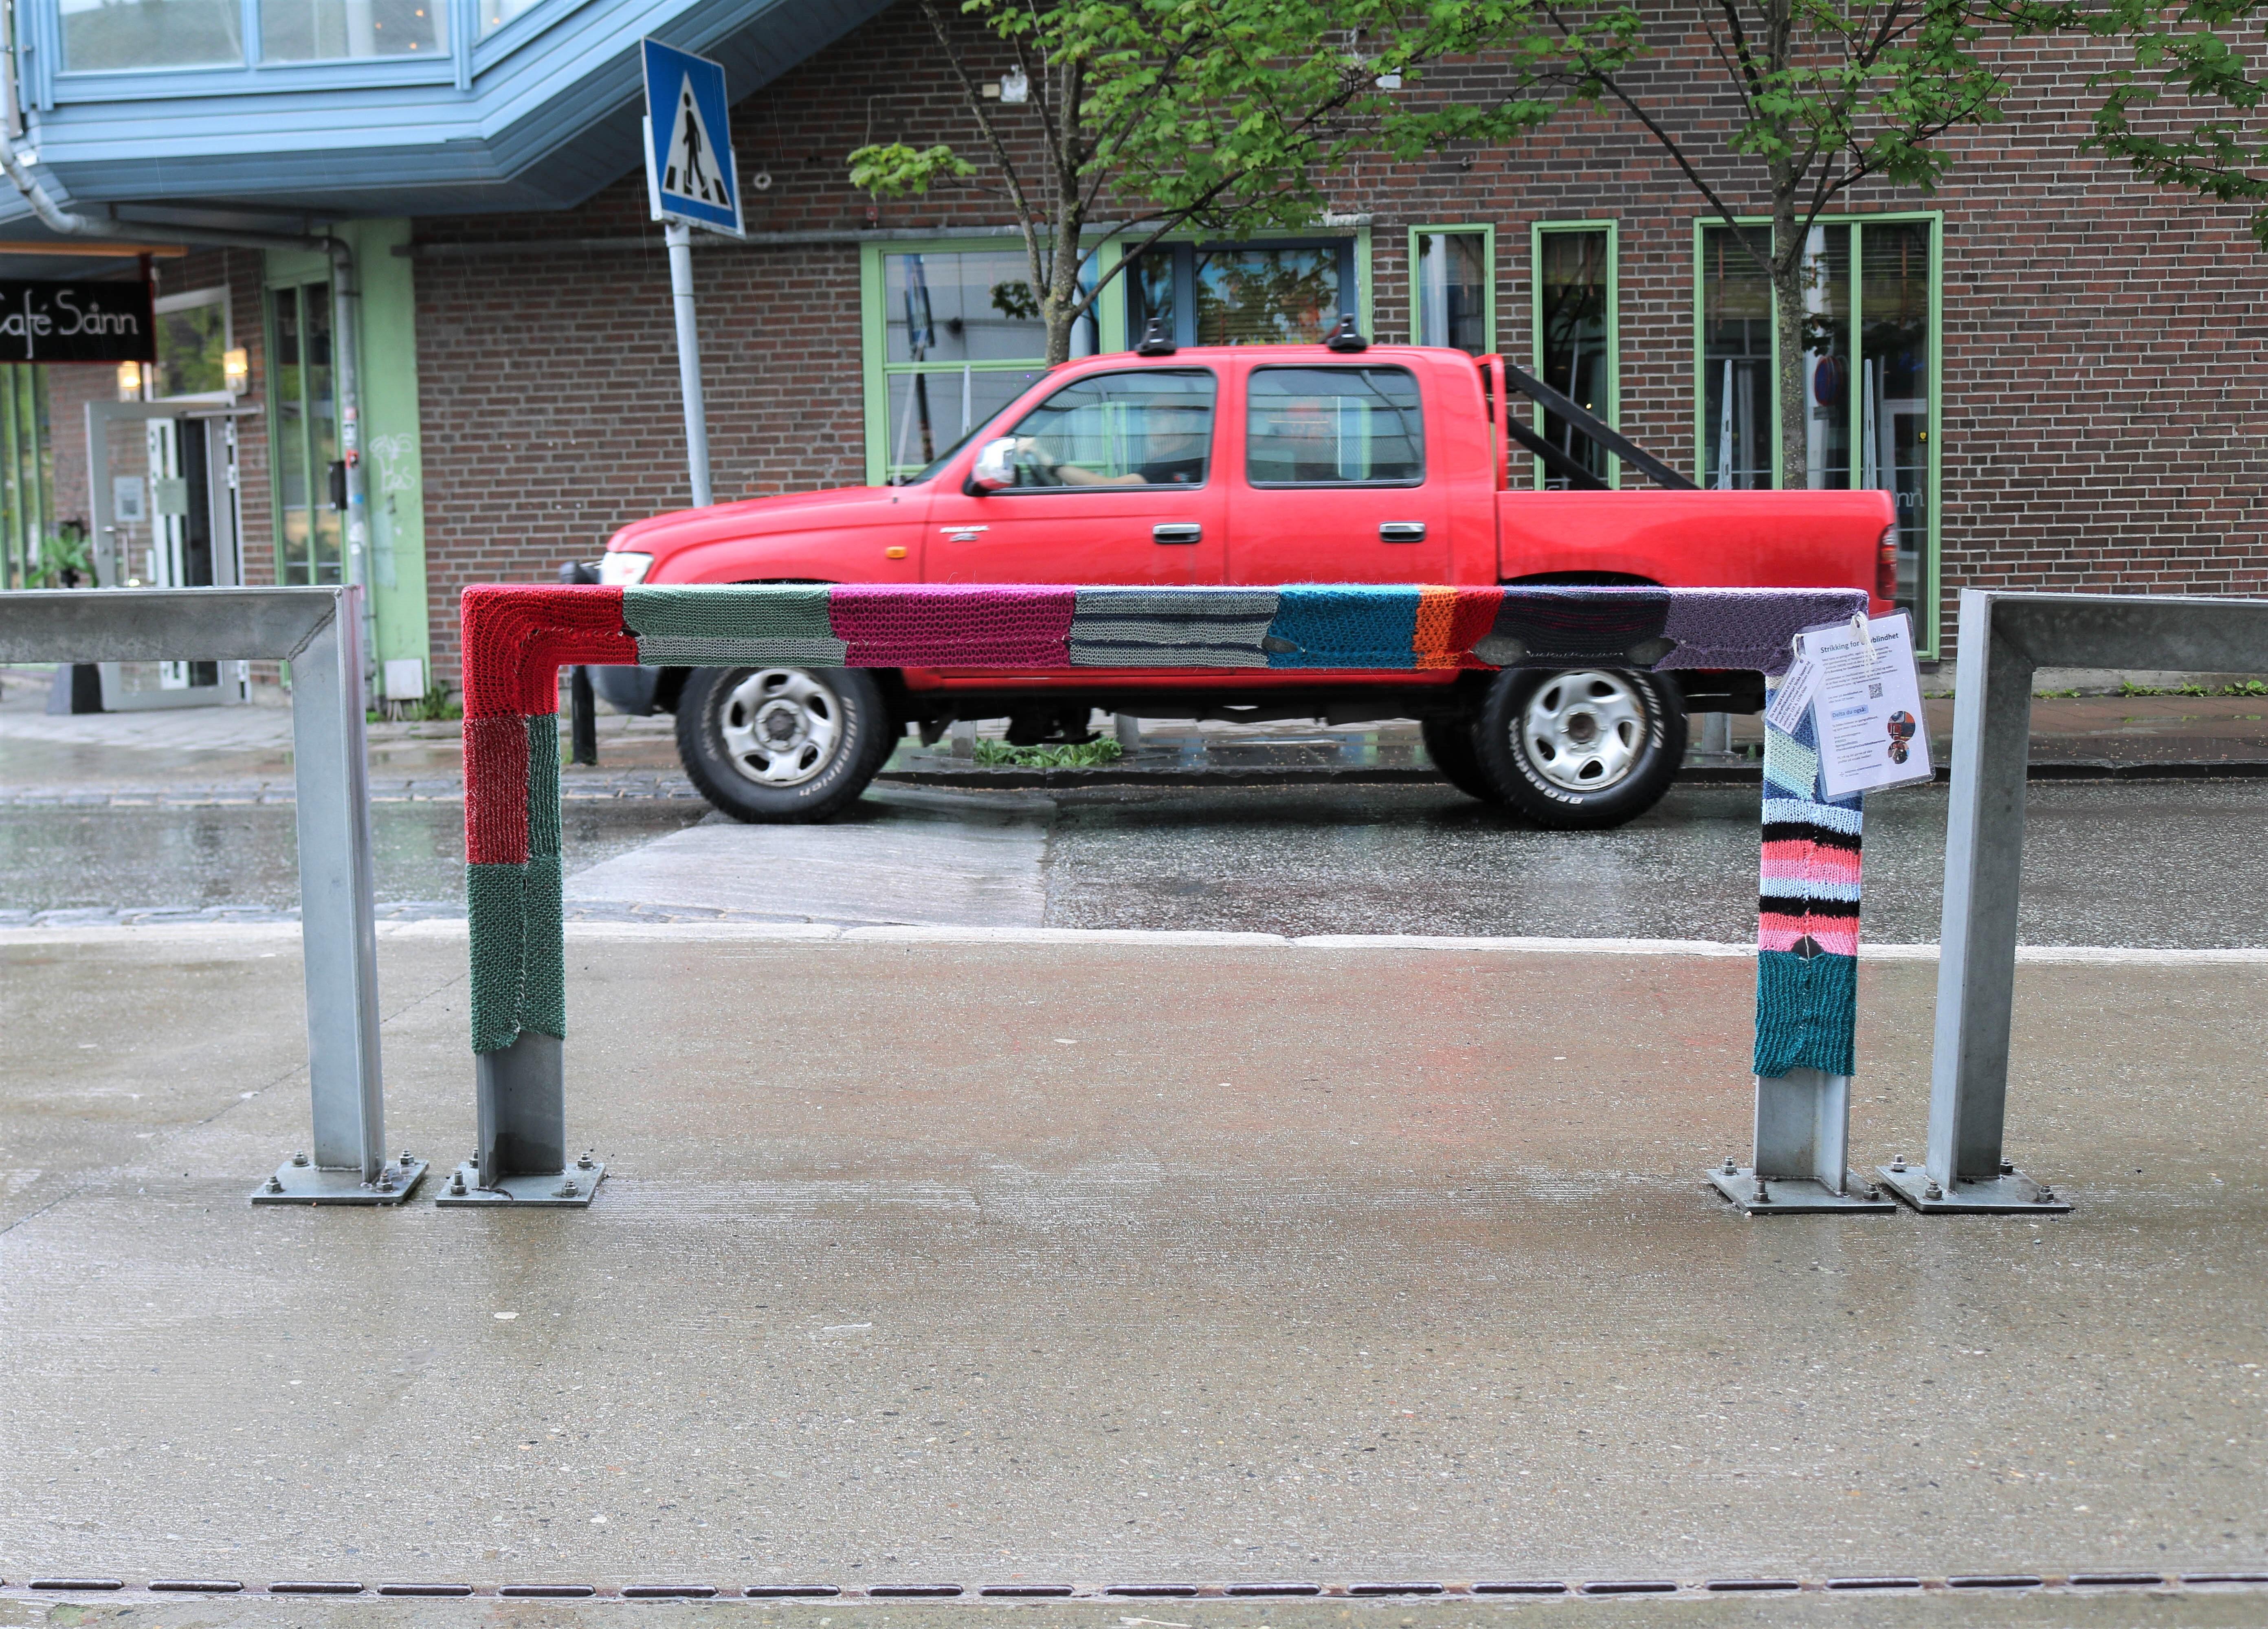 Et metallgelender med garngraffiti, bak kjører en rød pickup.